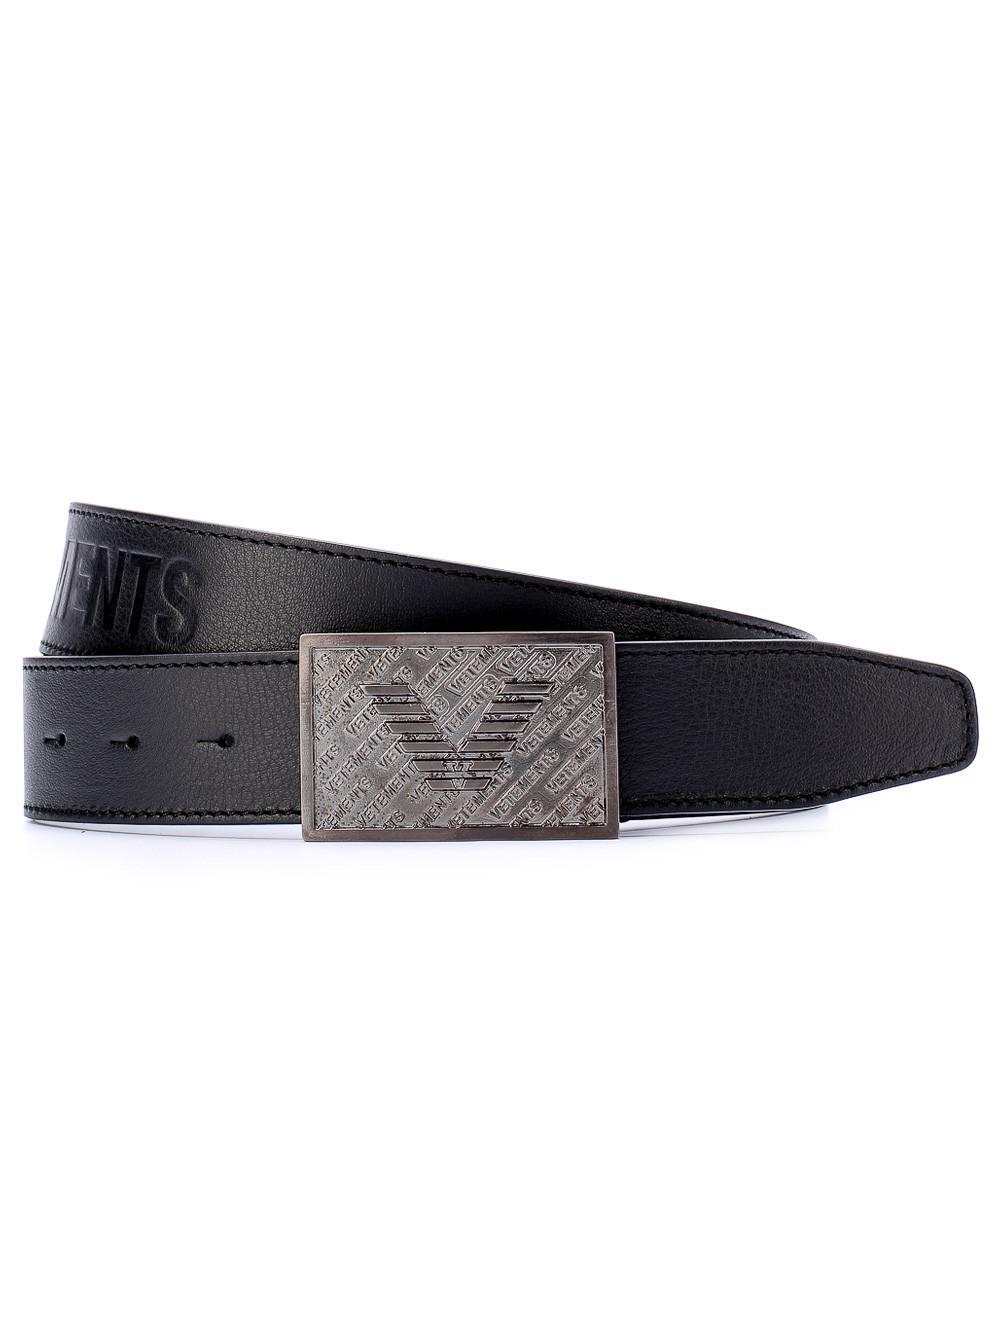 Black XL Belt VETEMENTS xpGL38Ti